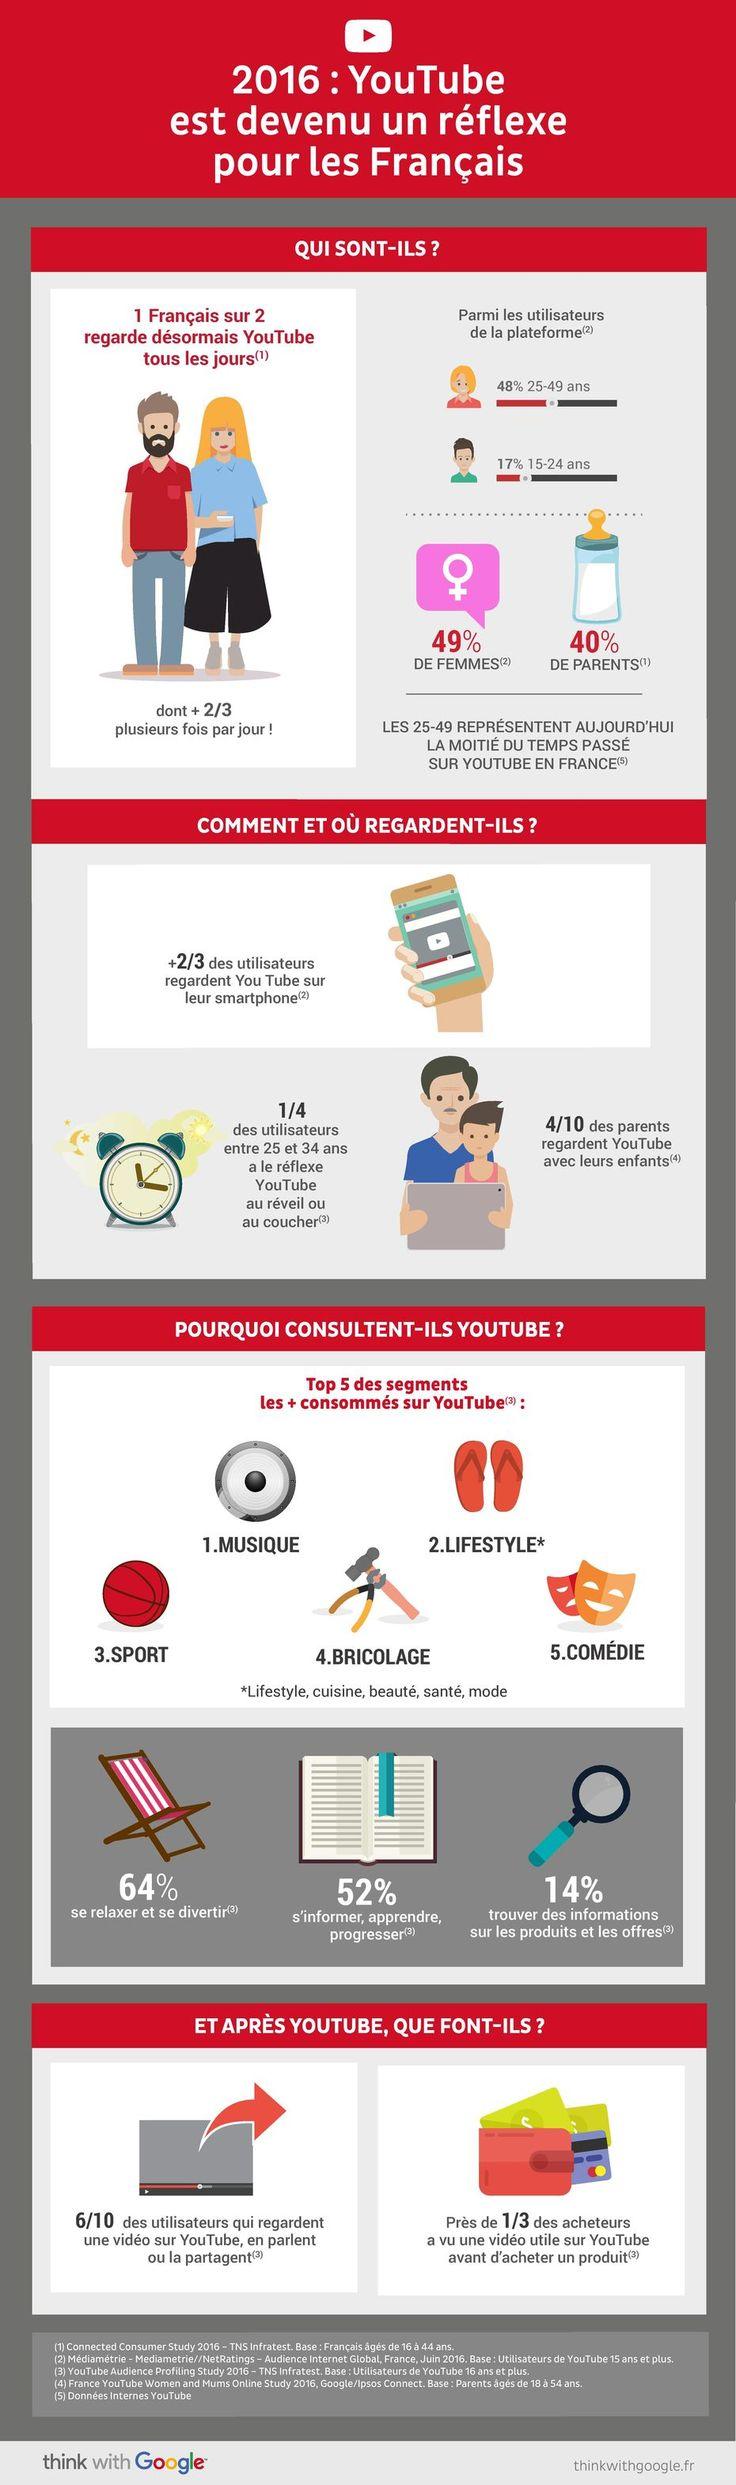 La soirée YouTube Brandcast s'est tenue le 24 novembre 2016 à la Maison de la Mutualité à Paris. L'occasion pour Nick Leeder, directeur général de Google France, de rappeler aux directeurs digitaux, marketing et communication invités les chiffres et le potentiel de Youtube en France, plateforme média désormais incontournable.